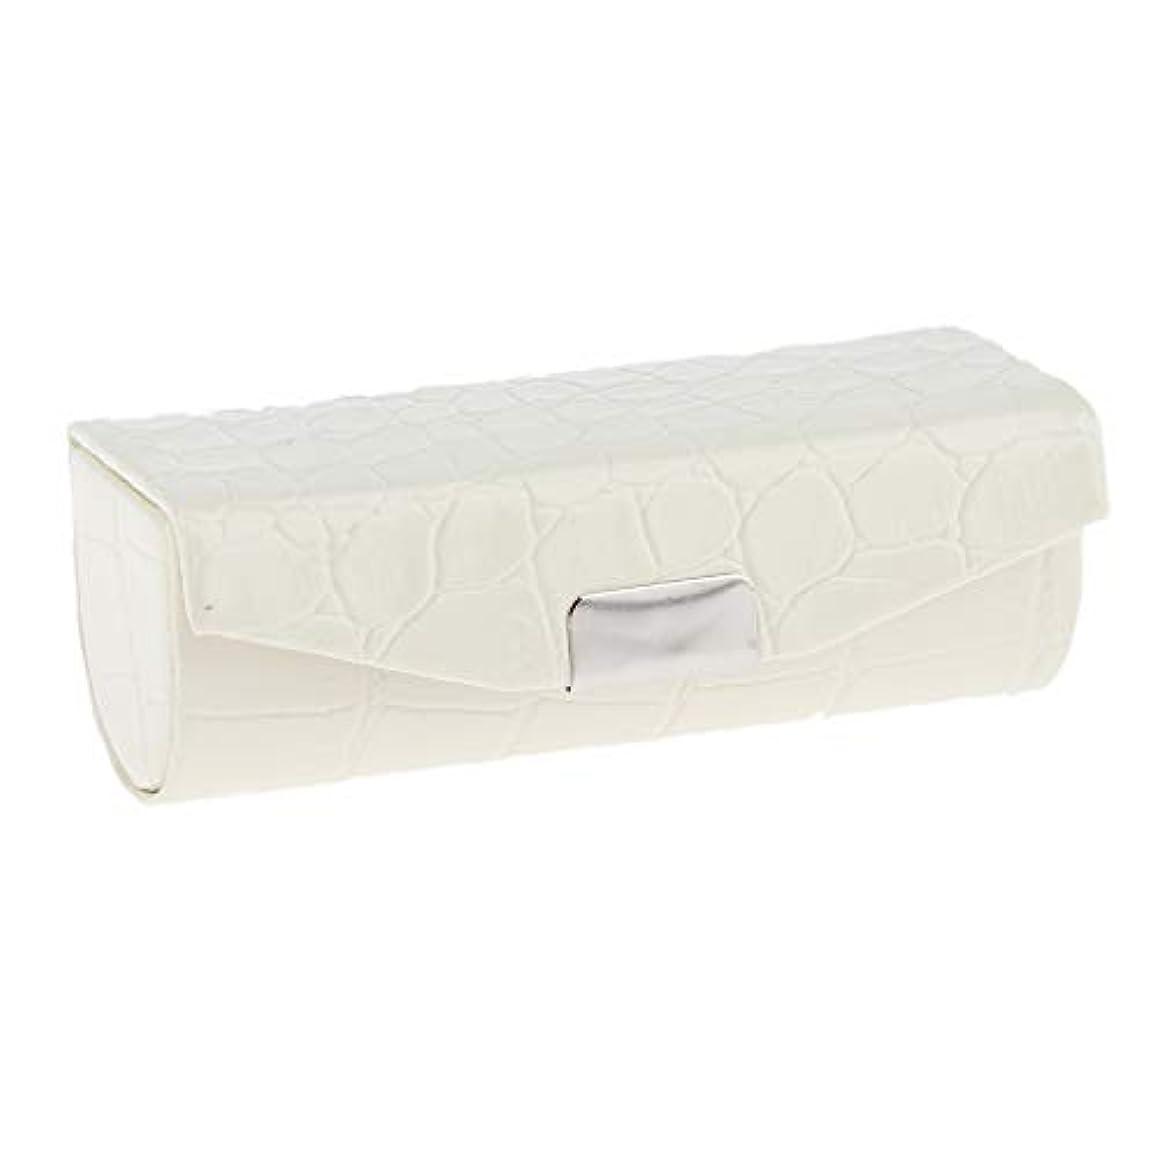 表面剃るフィッティングSharplace 口紅ケース 小物収納ケース プレゼント ミラー付き 多色選べ - 白